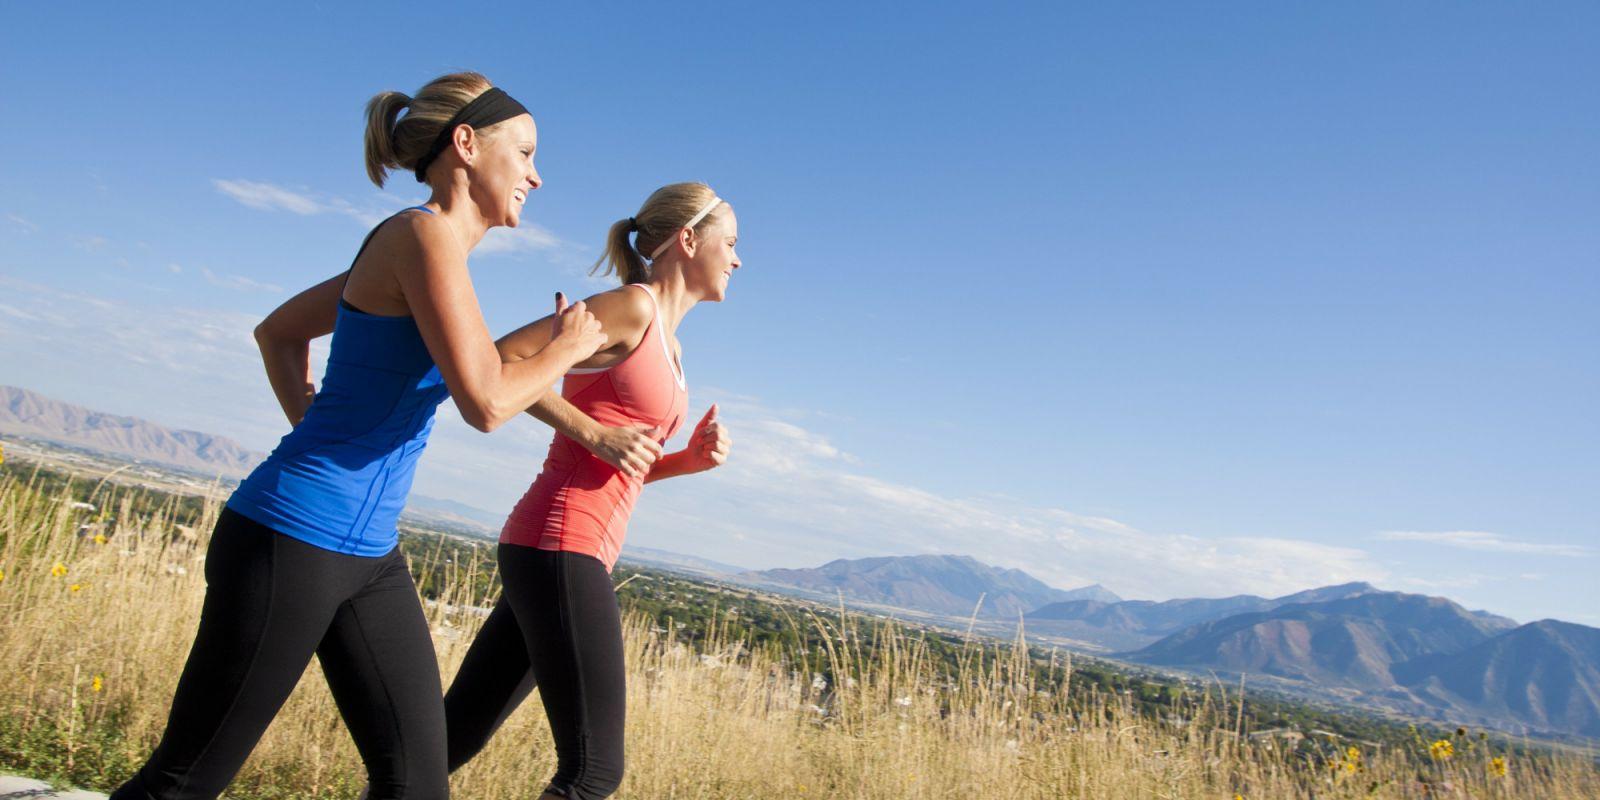 Olahraga untuk kesehatan jantung ternyata nggak sembarangan, lho (Foto : Huffington Post)